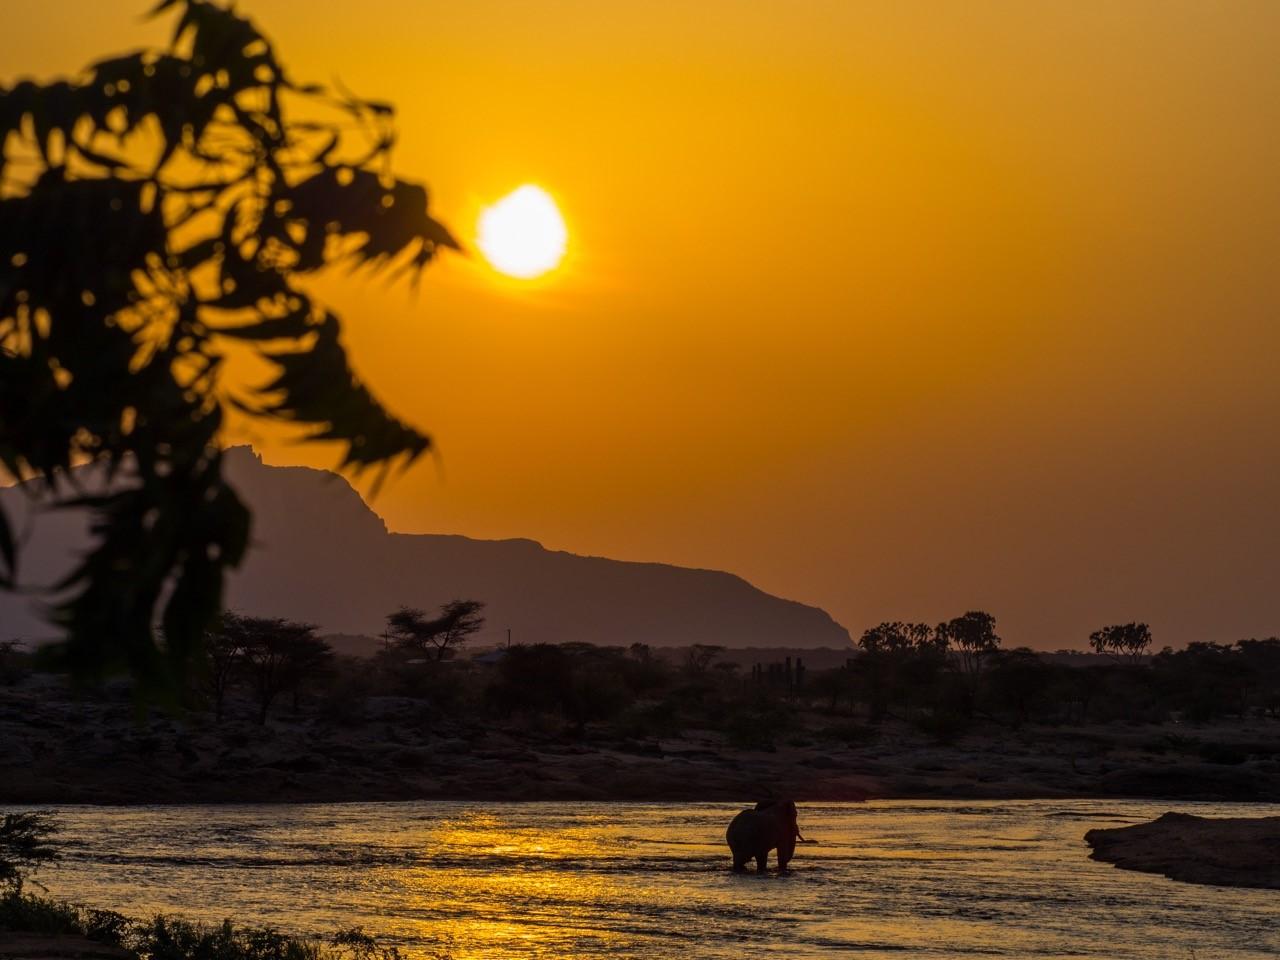 Kenia Tansania Rotel Tours Fernweh